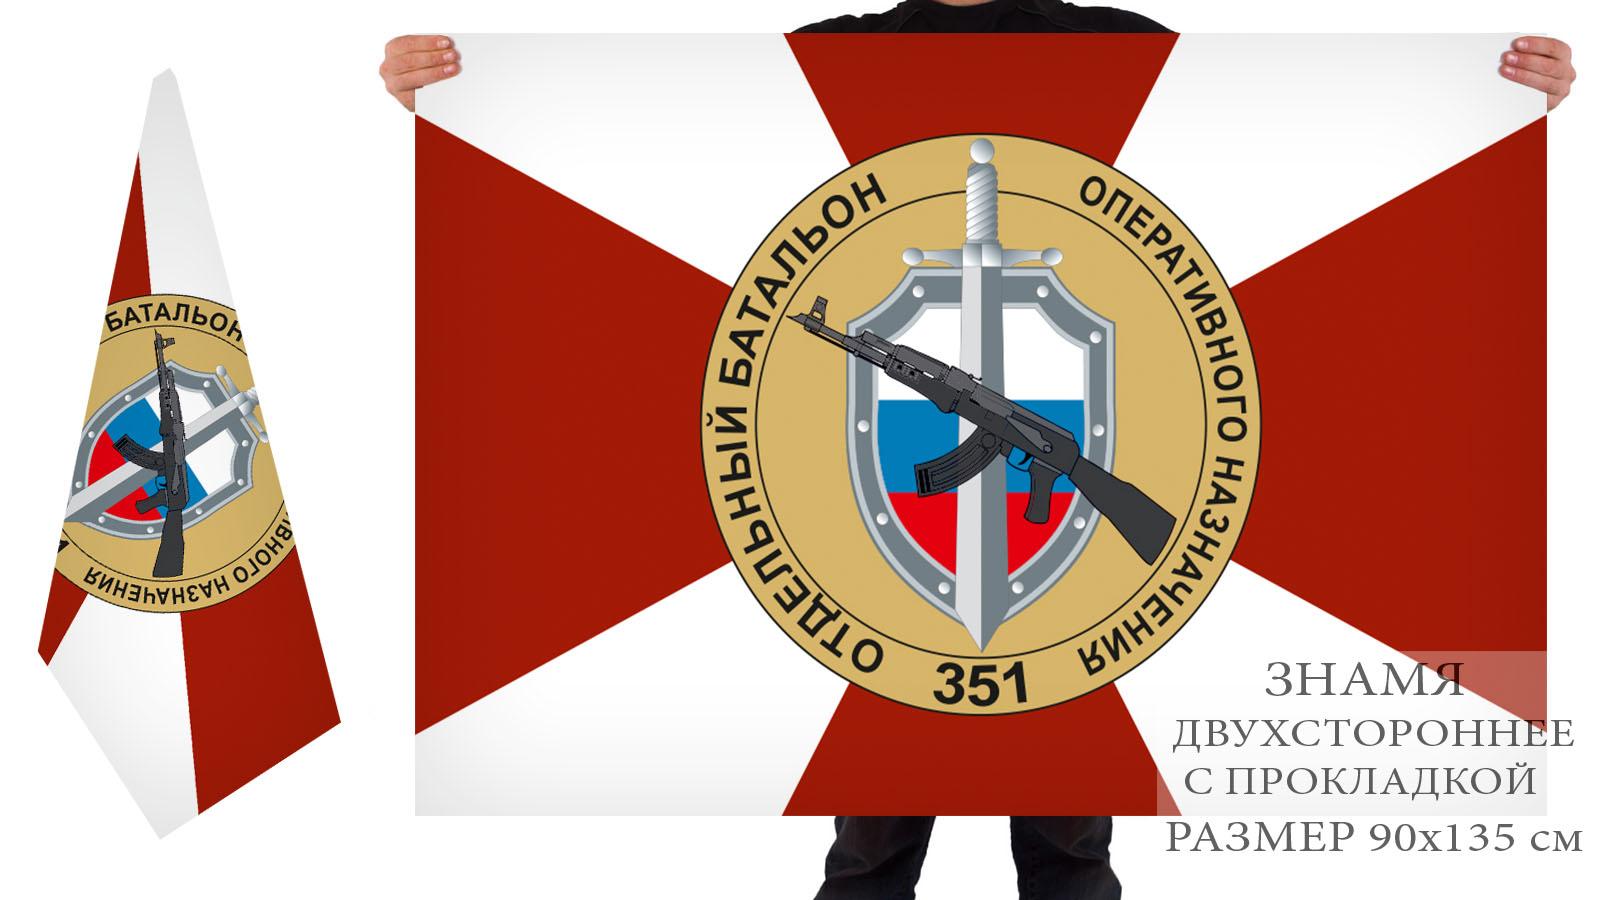 Заказать в интернет магазине флаг 351 ОБОН